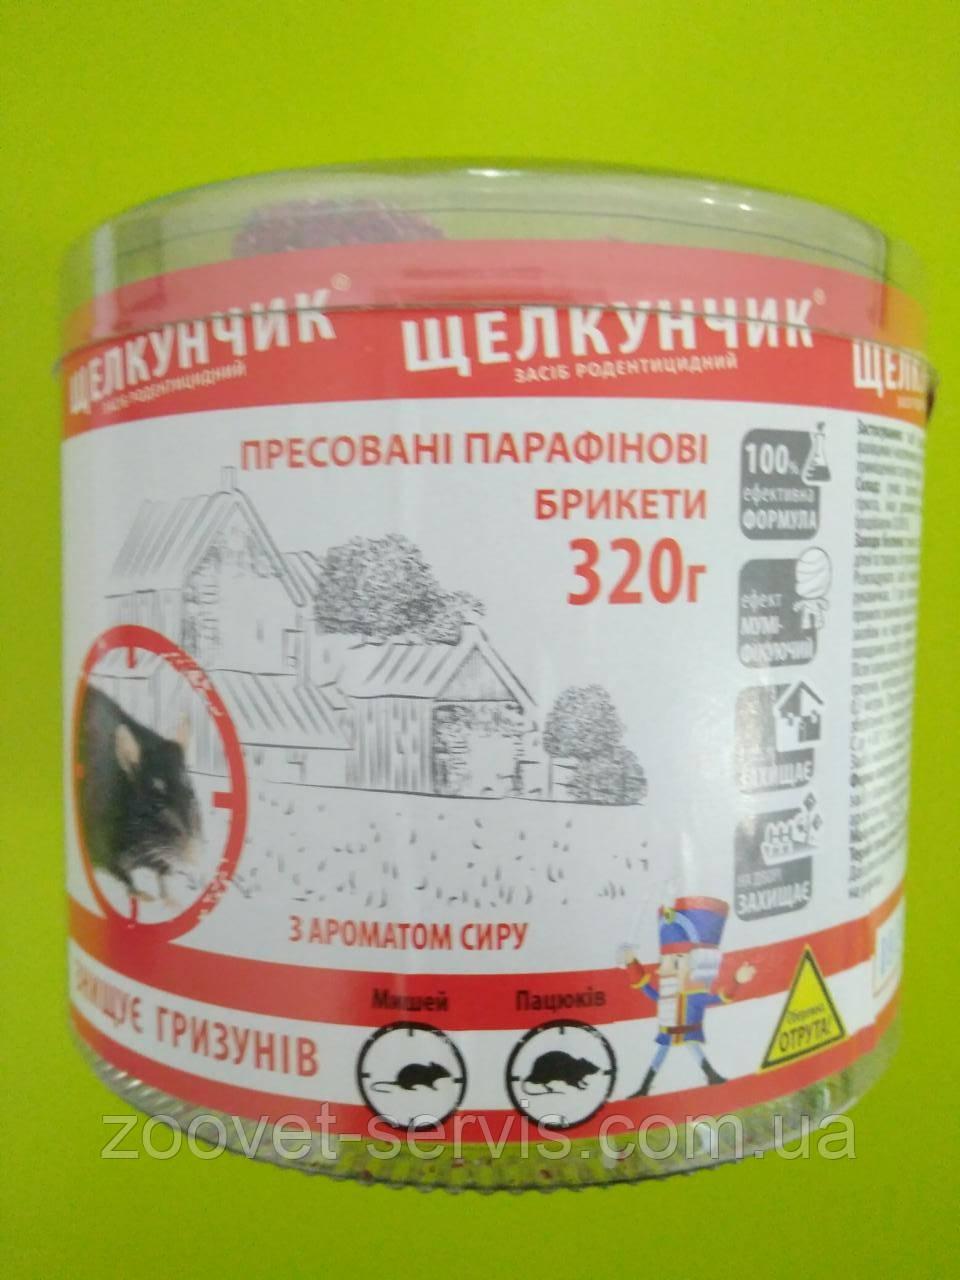 Брикеты от грызуновс ароматом сыра Щелкунчик с мумификатором 320 г